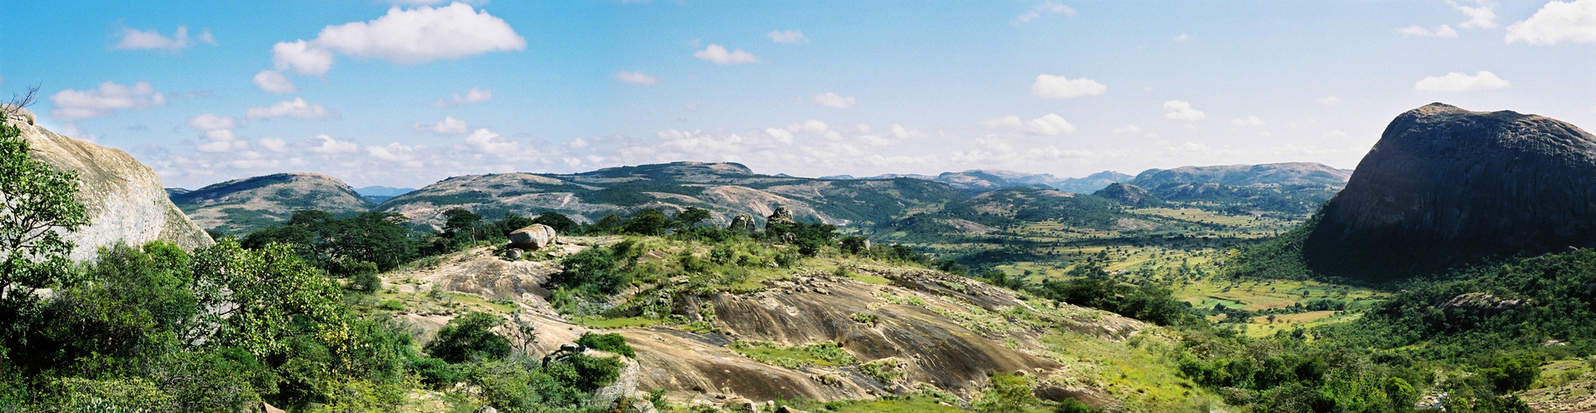 zimbabwe-landscape